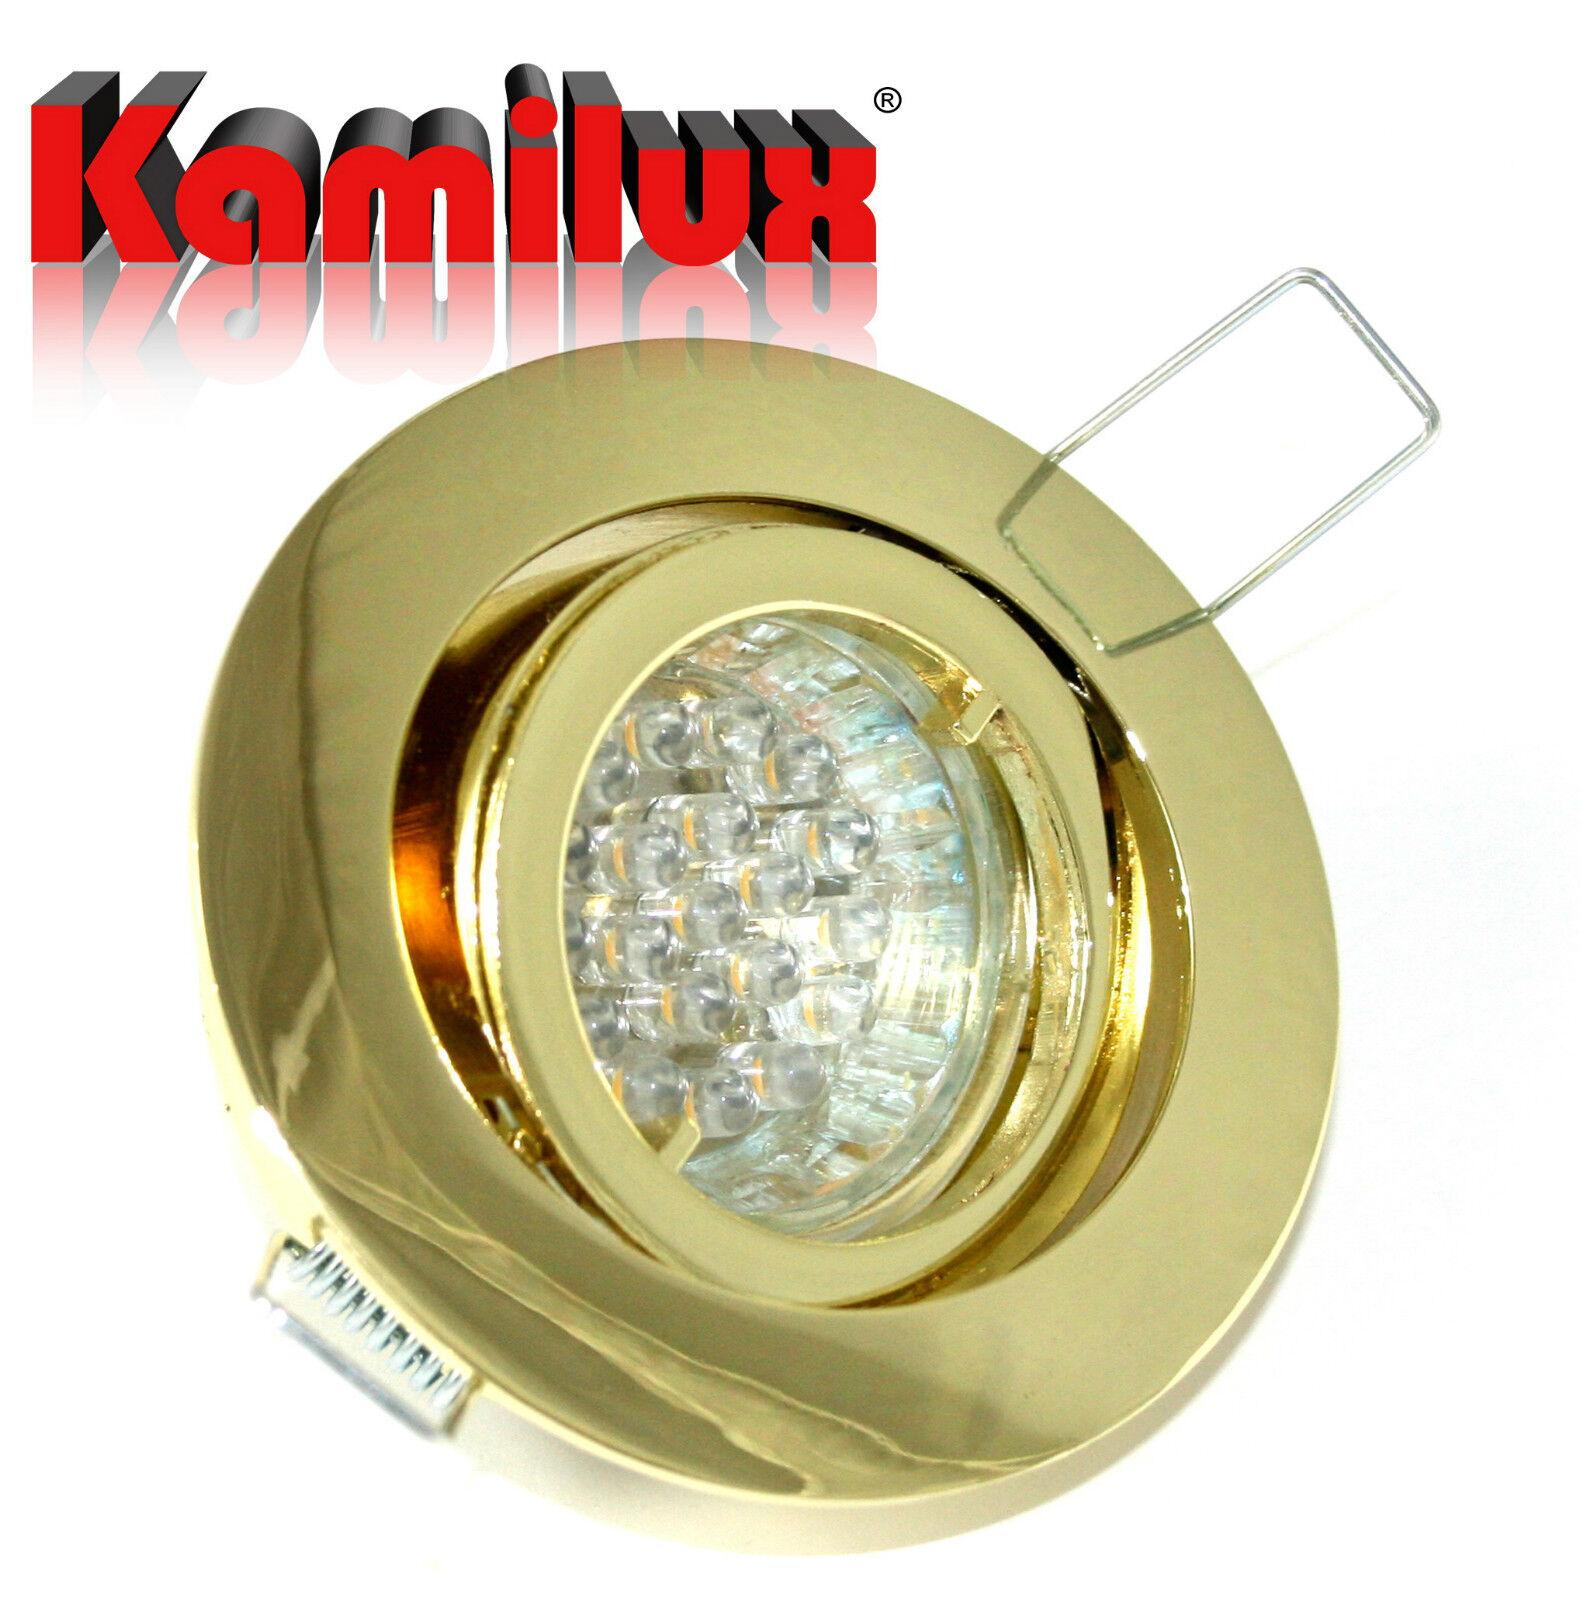 1,5 Watt LED Einbauleuchte Bajo 230V inkl 20er LED Leuchtmittel Downlights GU10